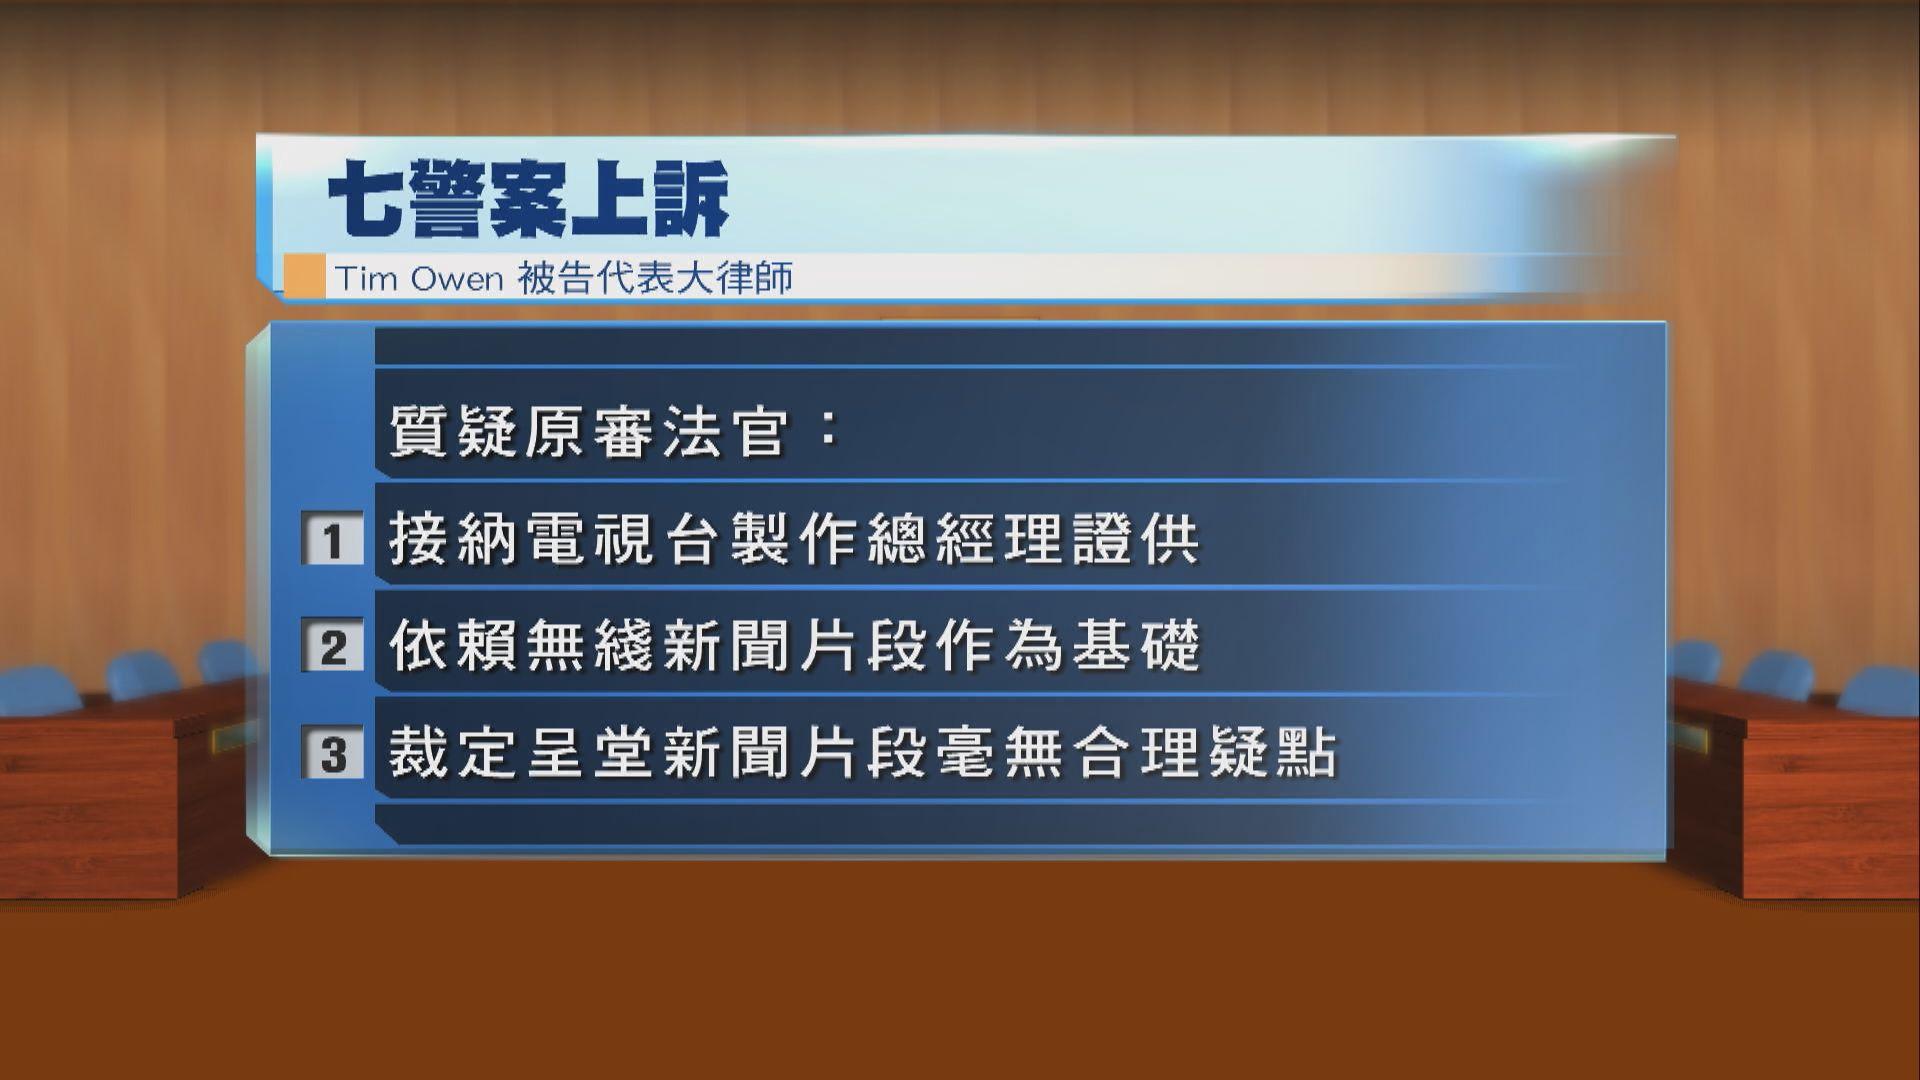 七警案上訴 律師質疑呈堂新聞片段經剪輯